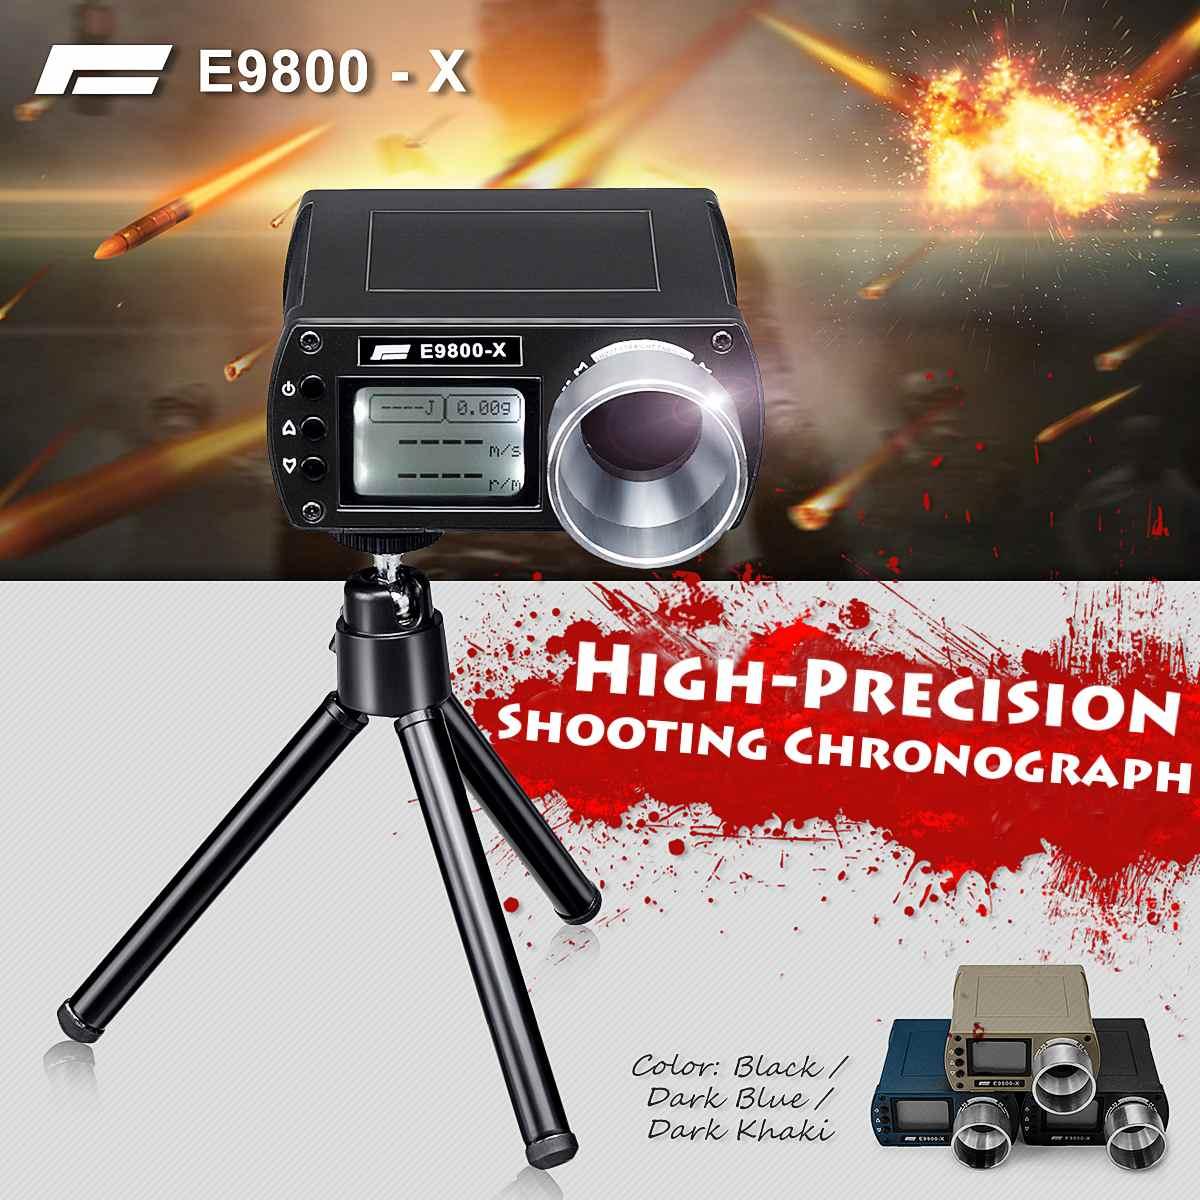 E9800-X Airsoft BB testeur de vitesse de prise de vue haute précision chronographe de prise de vue 0-500J tir-énergie cinétique écran LCD-10C à 50C